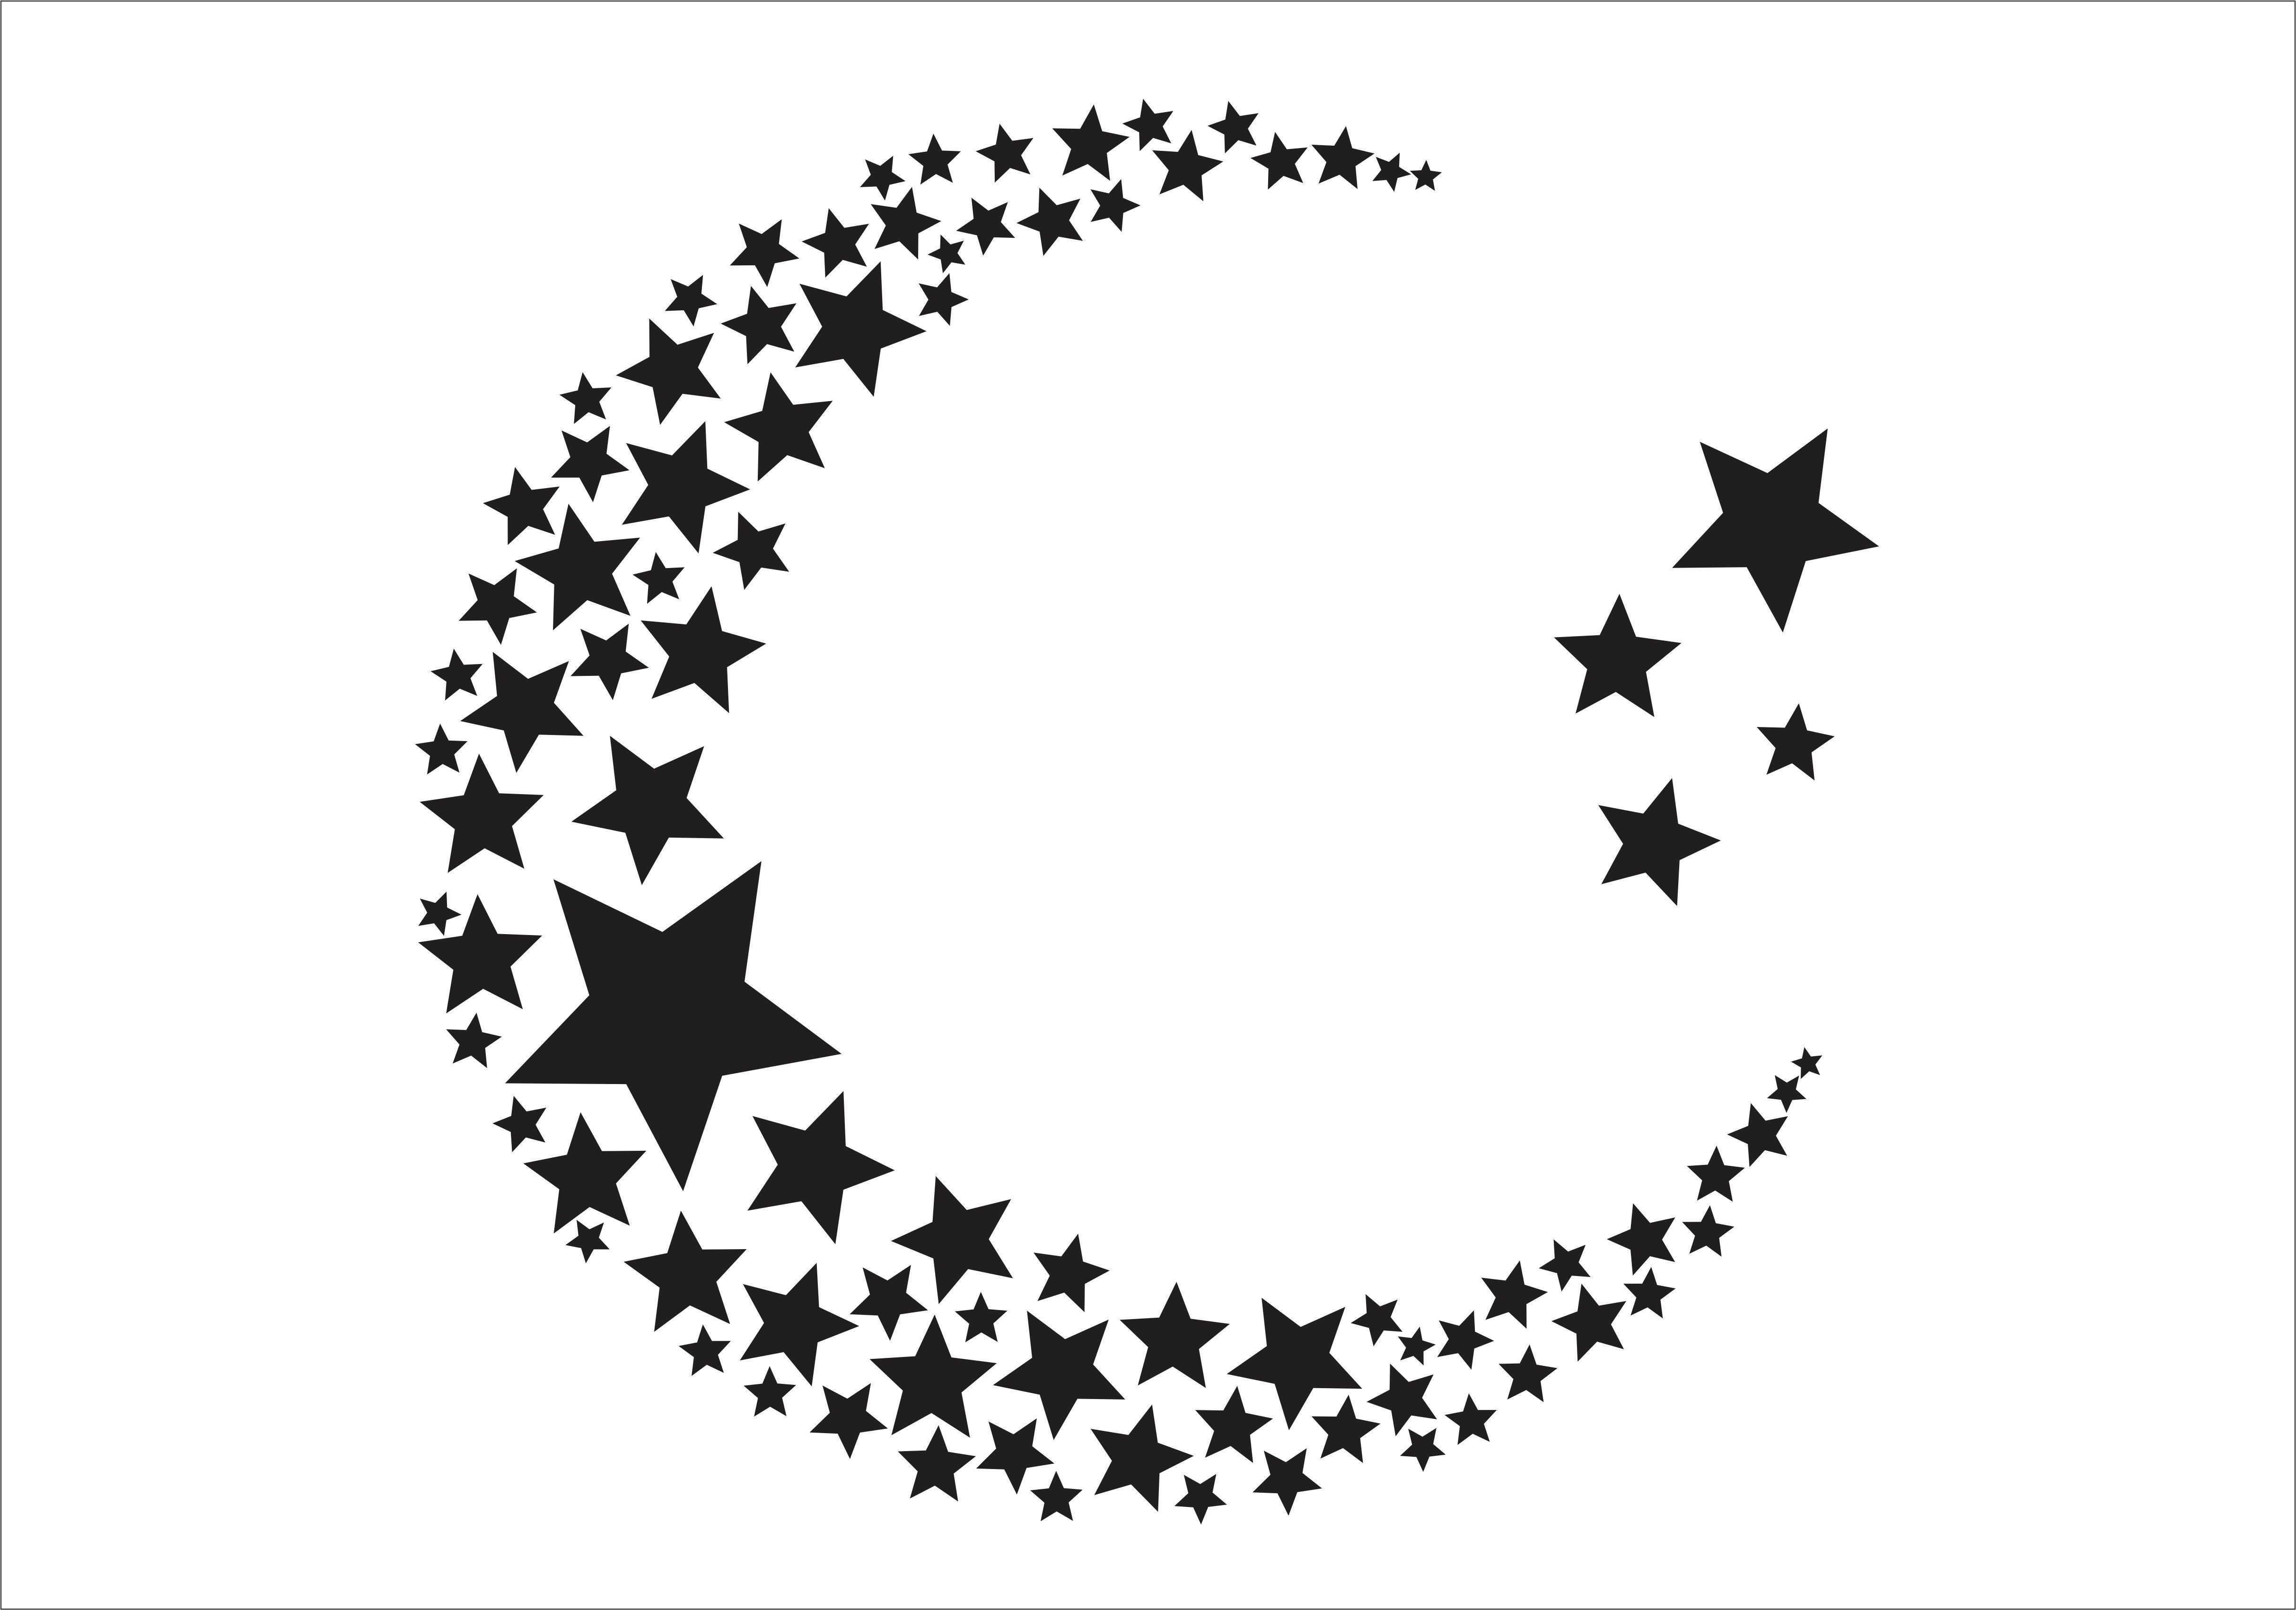 Adesivo De Estrela ~ Adesivo Lua de estrelas Adesivos Coruja Charmosa Elo7